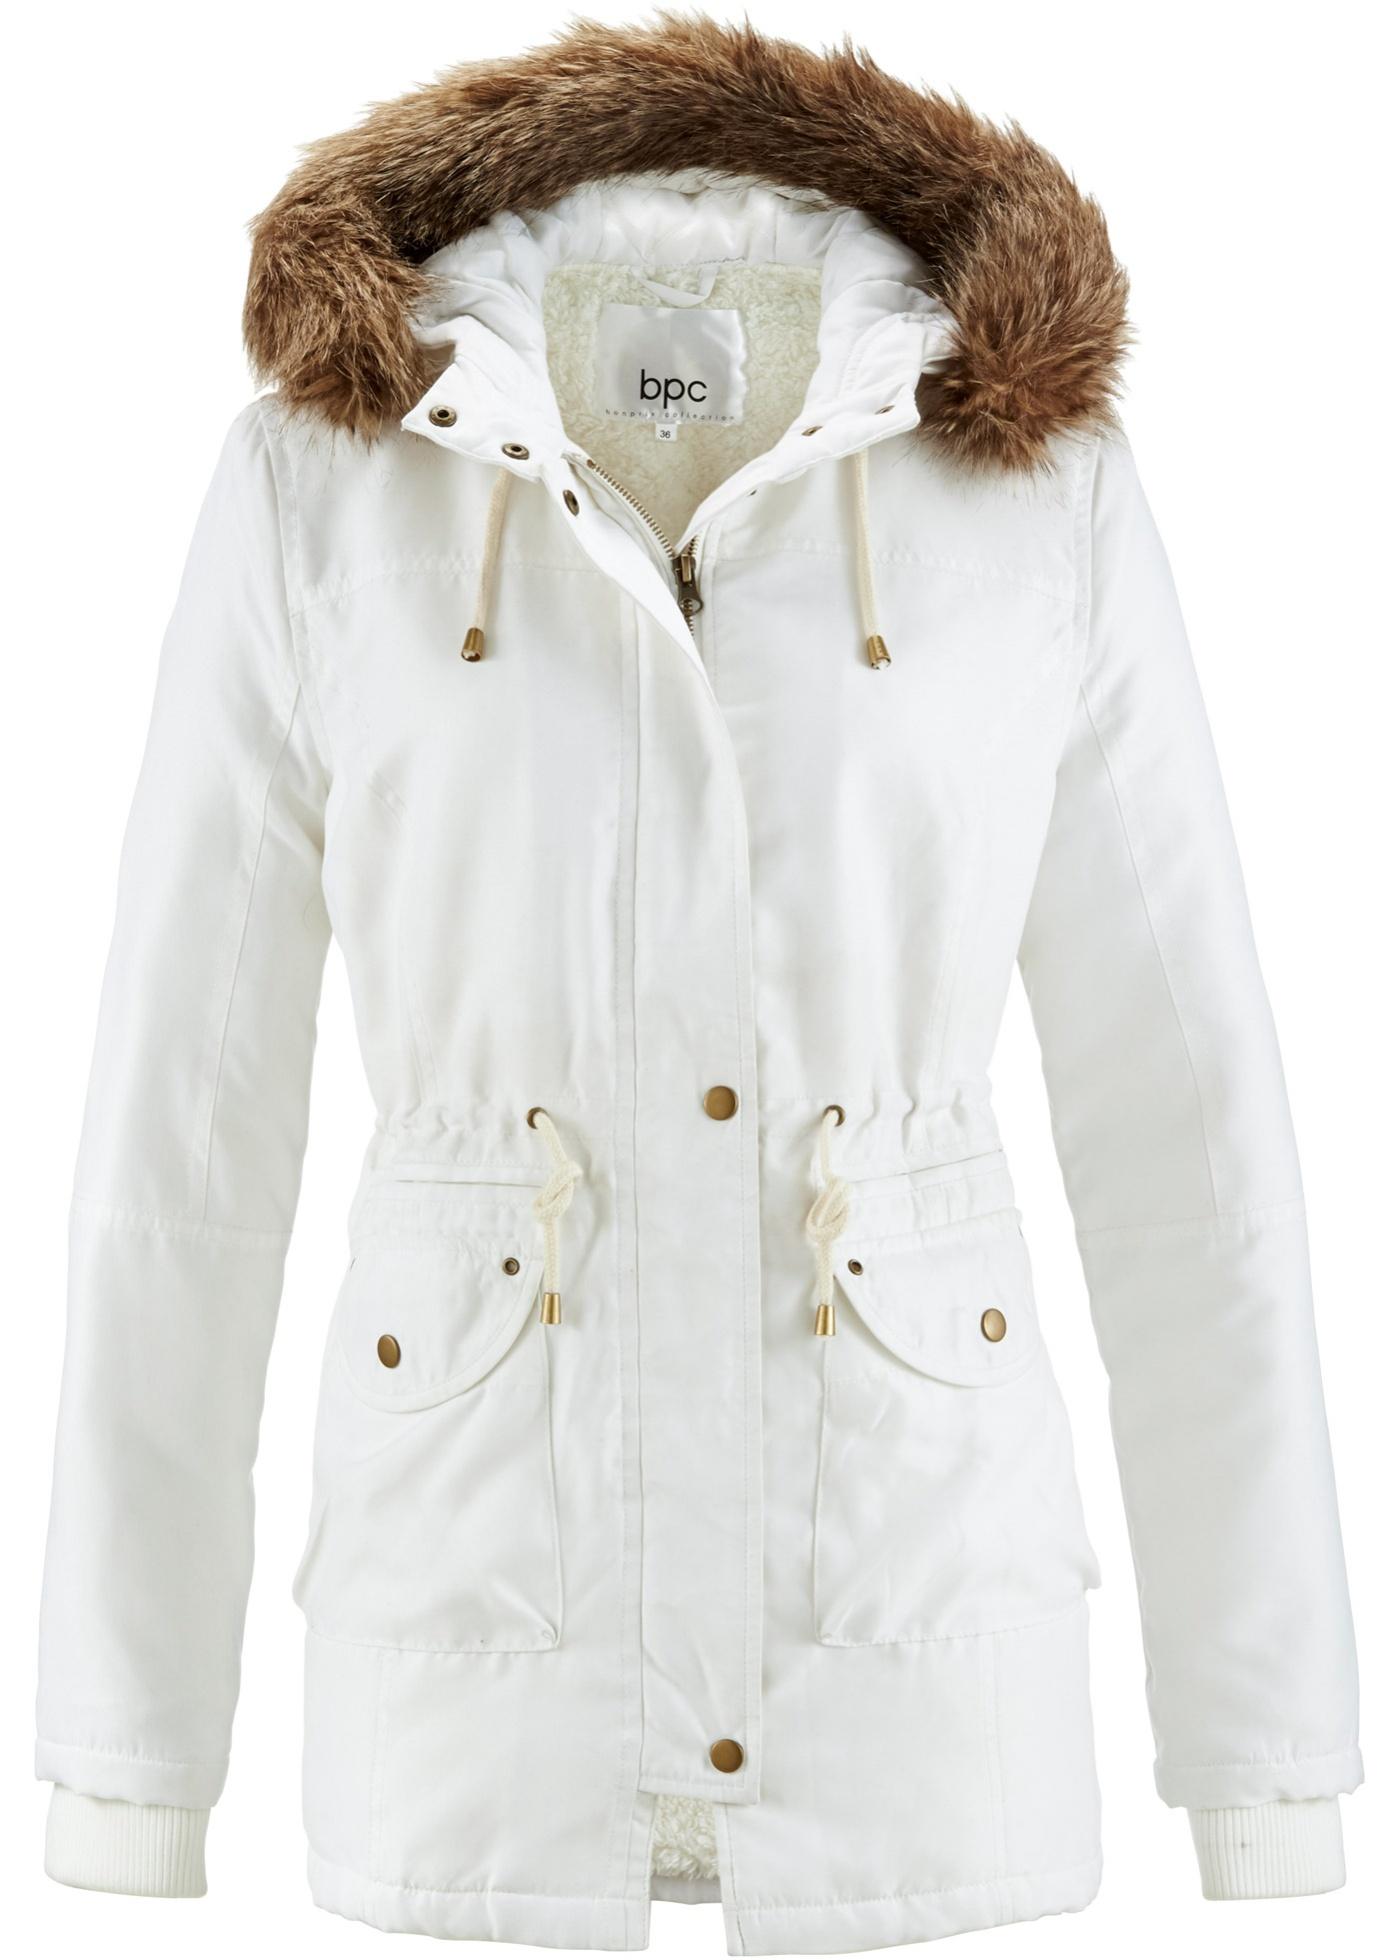 bpc bonprix collection Jacke mit Teddyfell langarm  in weiß für Damen von bonprix Damenmode > Damenbekleidung > Damen Jacken & Mäntel > Jacken